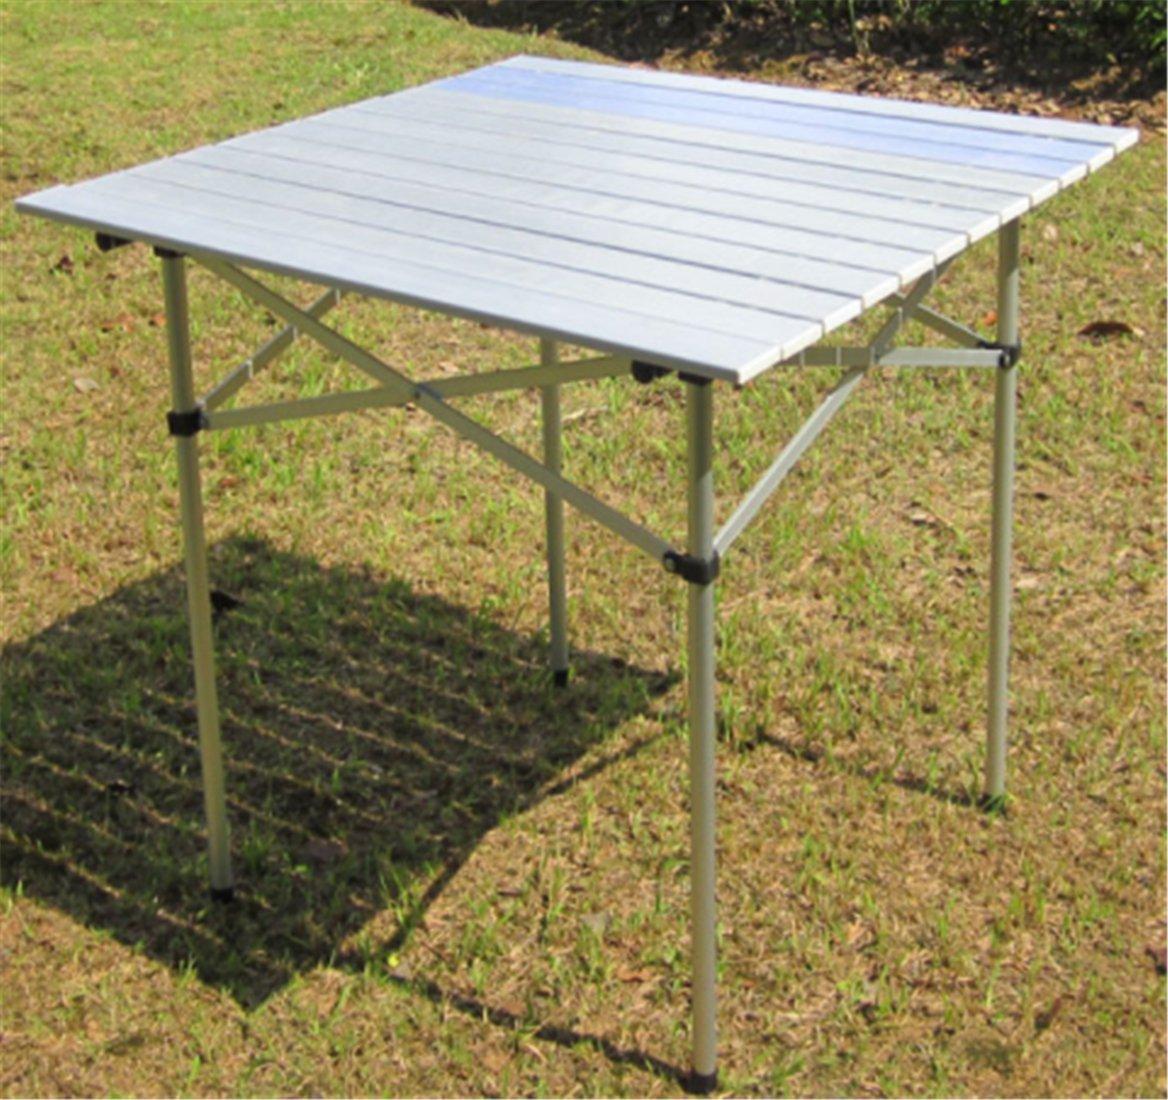 Yeying123 Aluminiumtisch Der Klapptischaluminium Im Freien Tragbares Einfaches, Grilltisch Zu Tragen